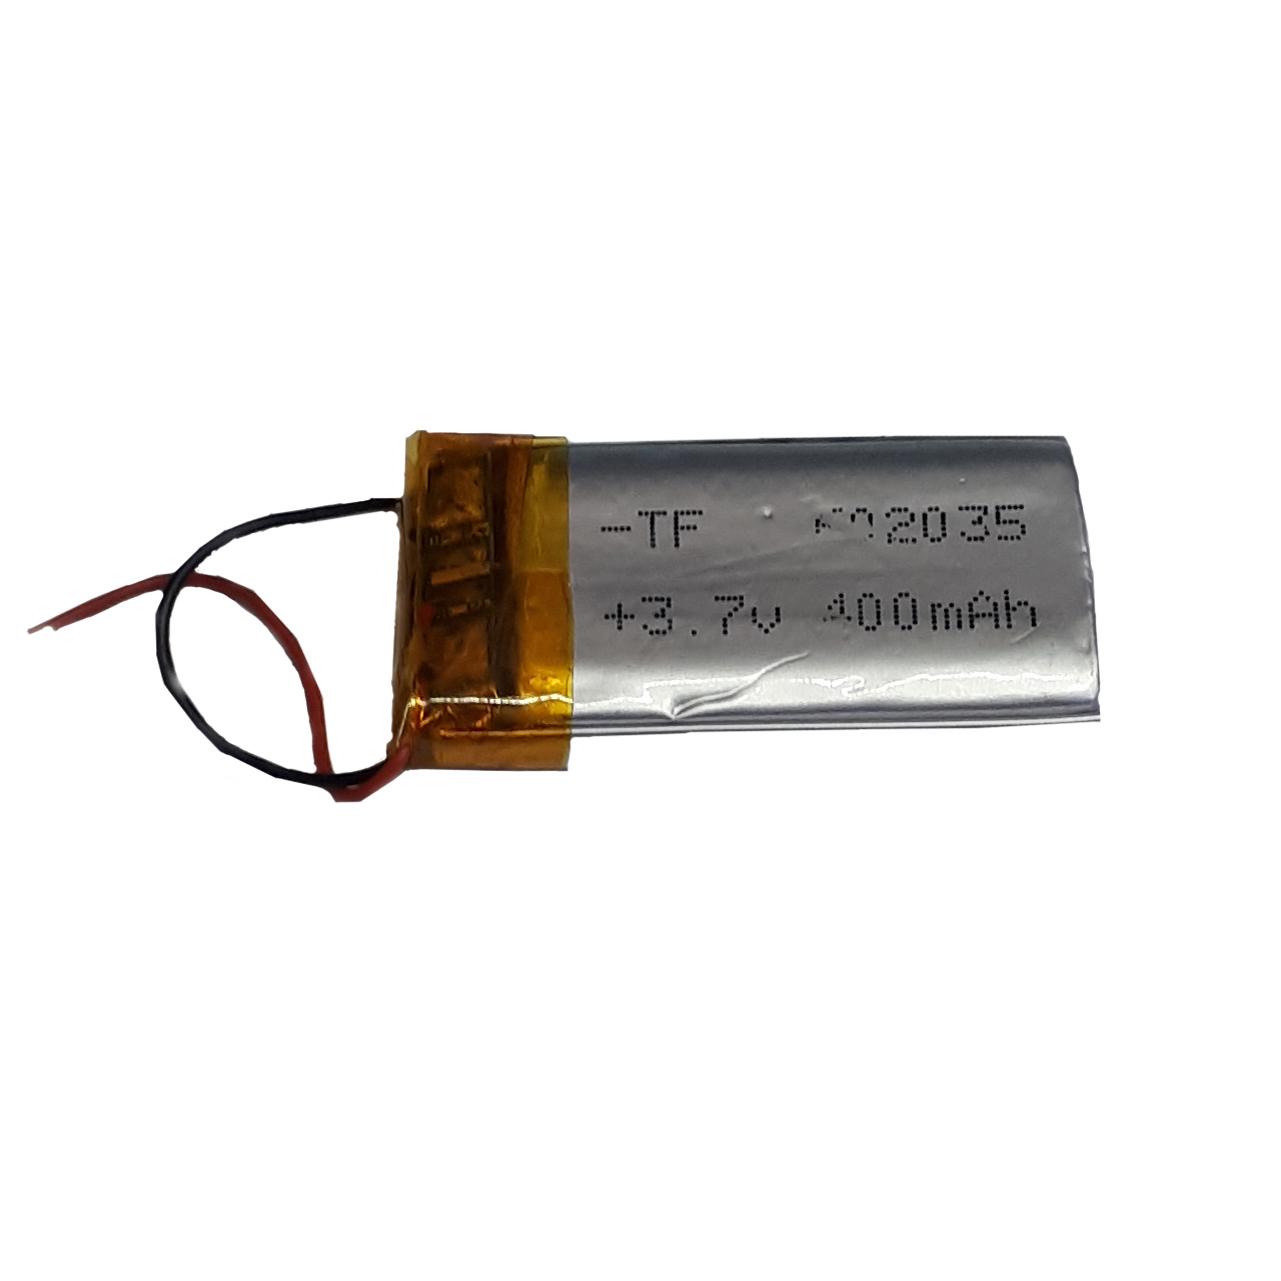 باتری لیتیوم-یون کد 602535 ظرفیت 400 میلی آمپر ساعت